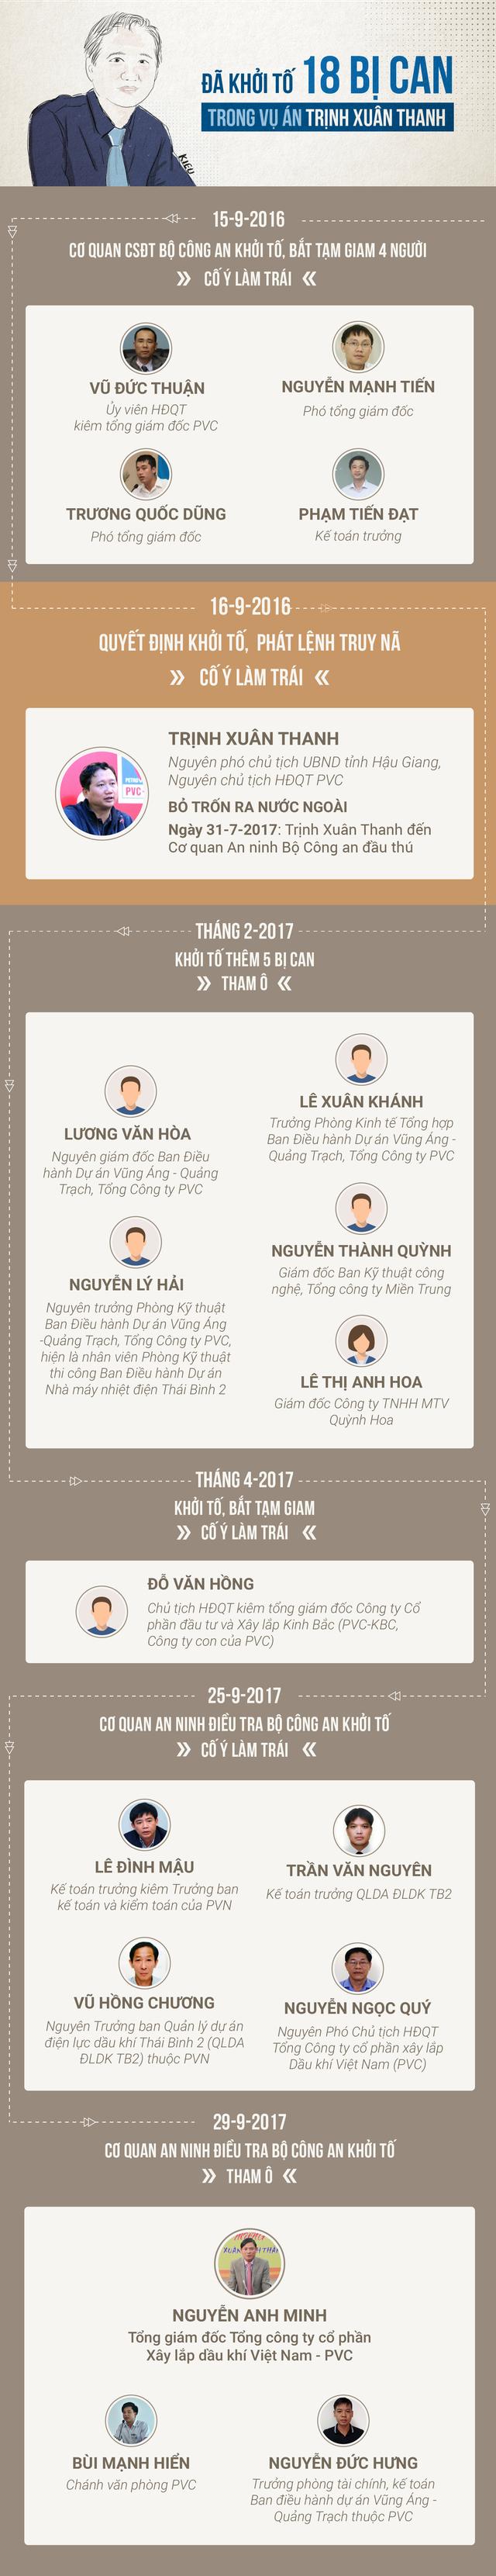 18 bị can đã bị khởi tố trong vụ án Trịnh Xuân Thanh - Ảnh 1.